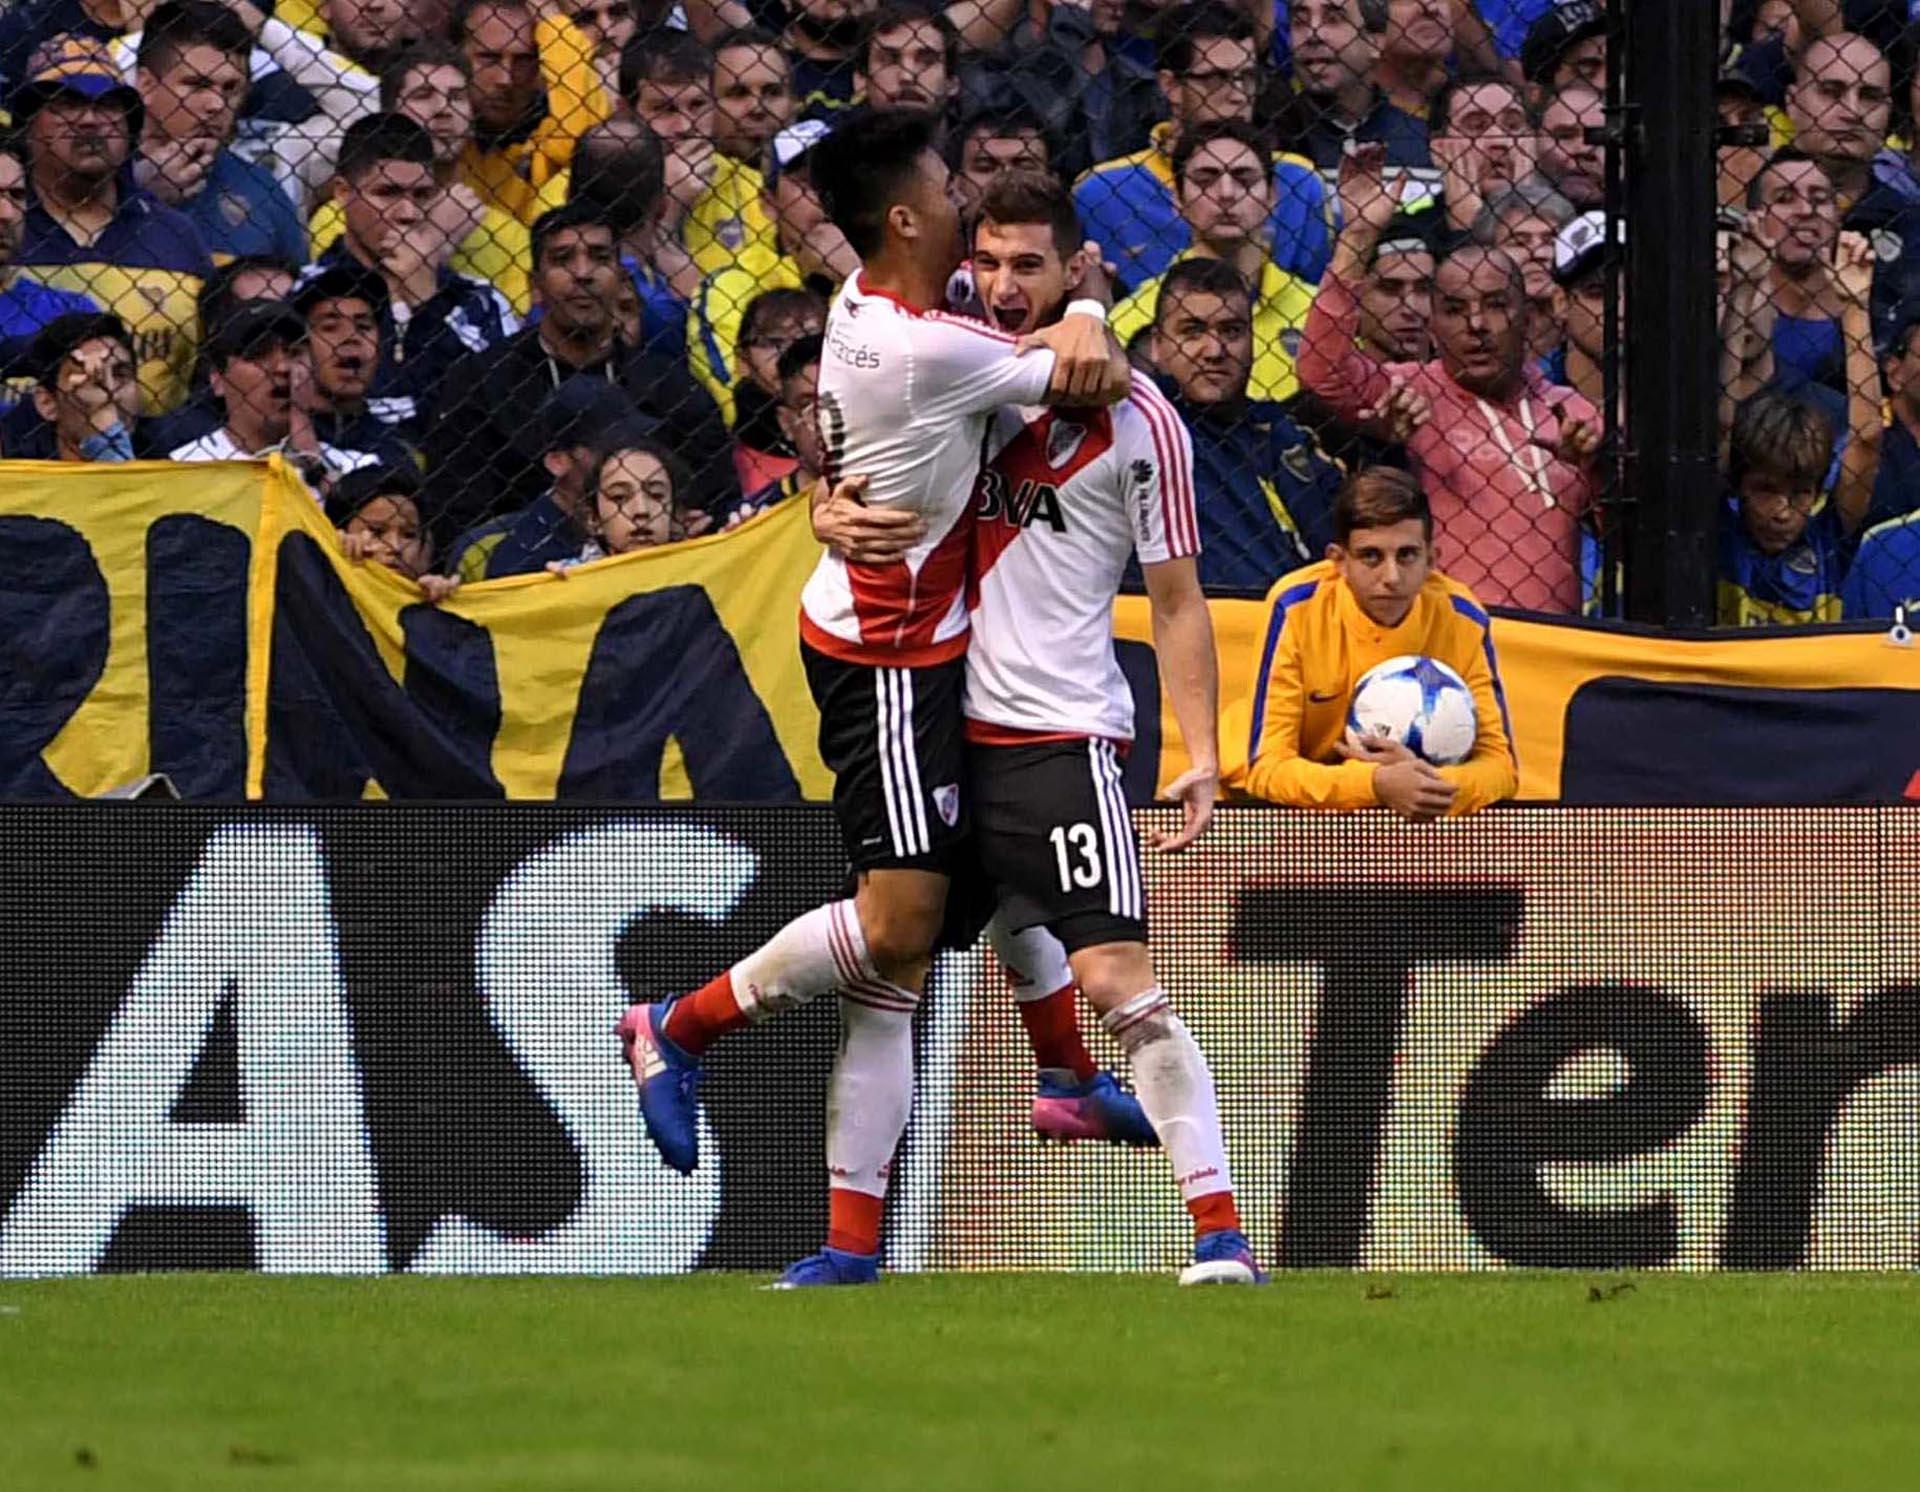 El ex jugador de Colón de Santa Fe Lucas Alario festeja su gol, el segundo de River